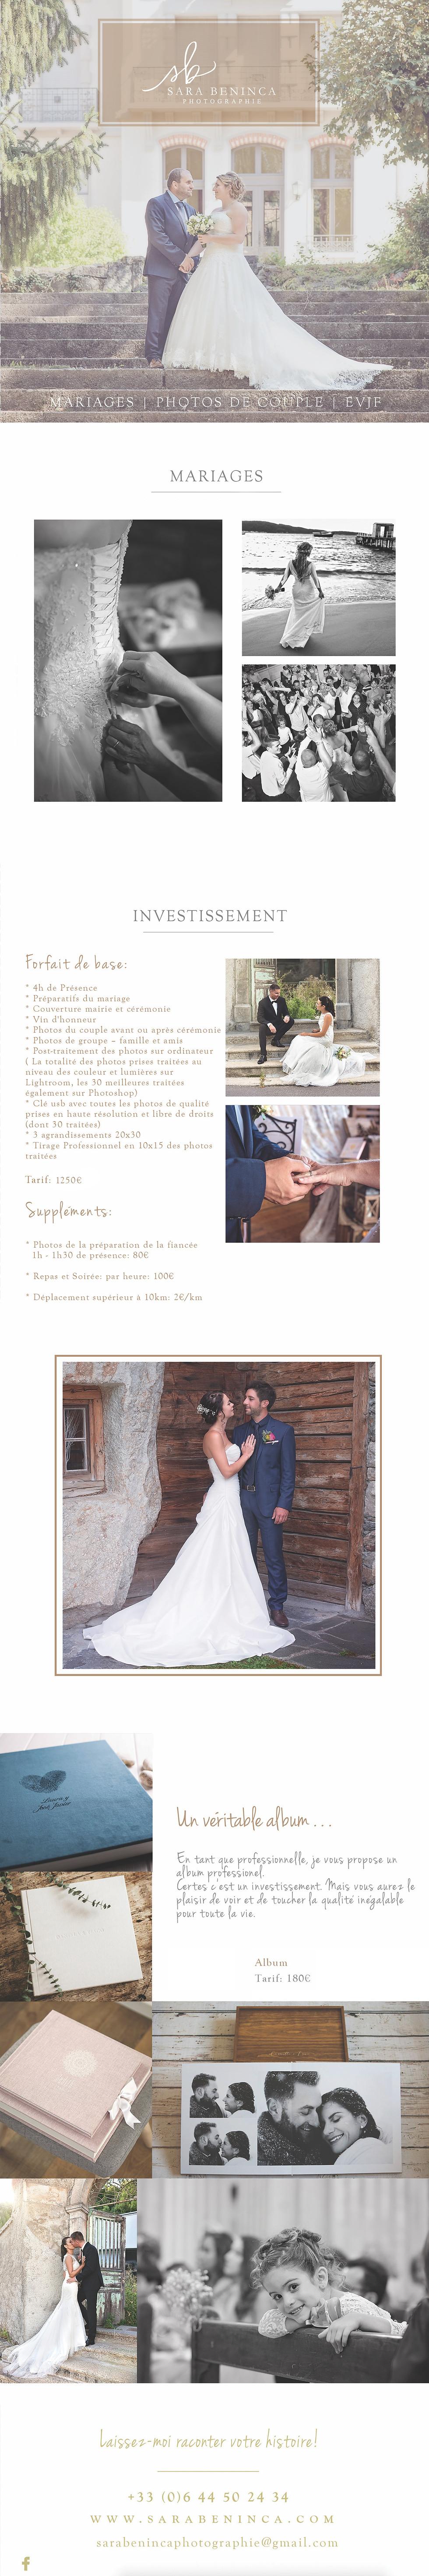 BROCHURE MARIAGE.jpg